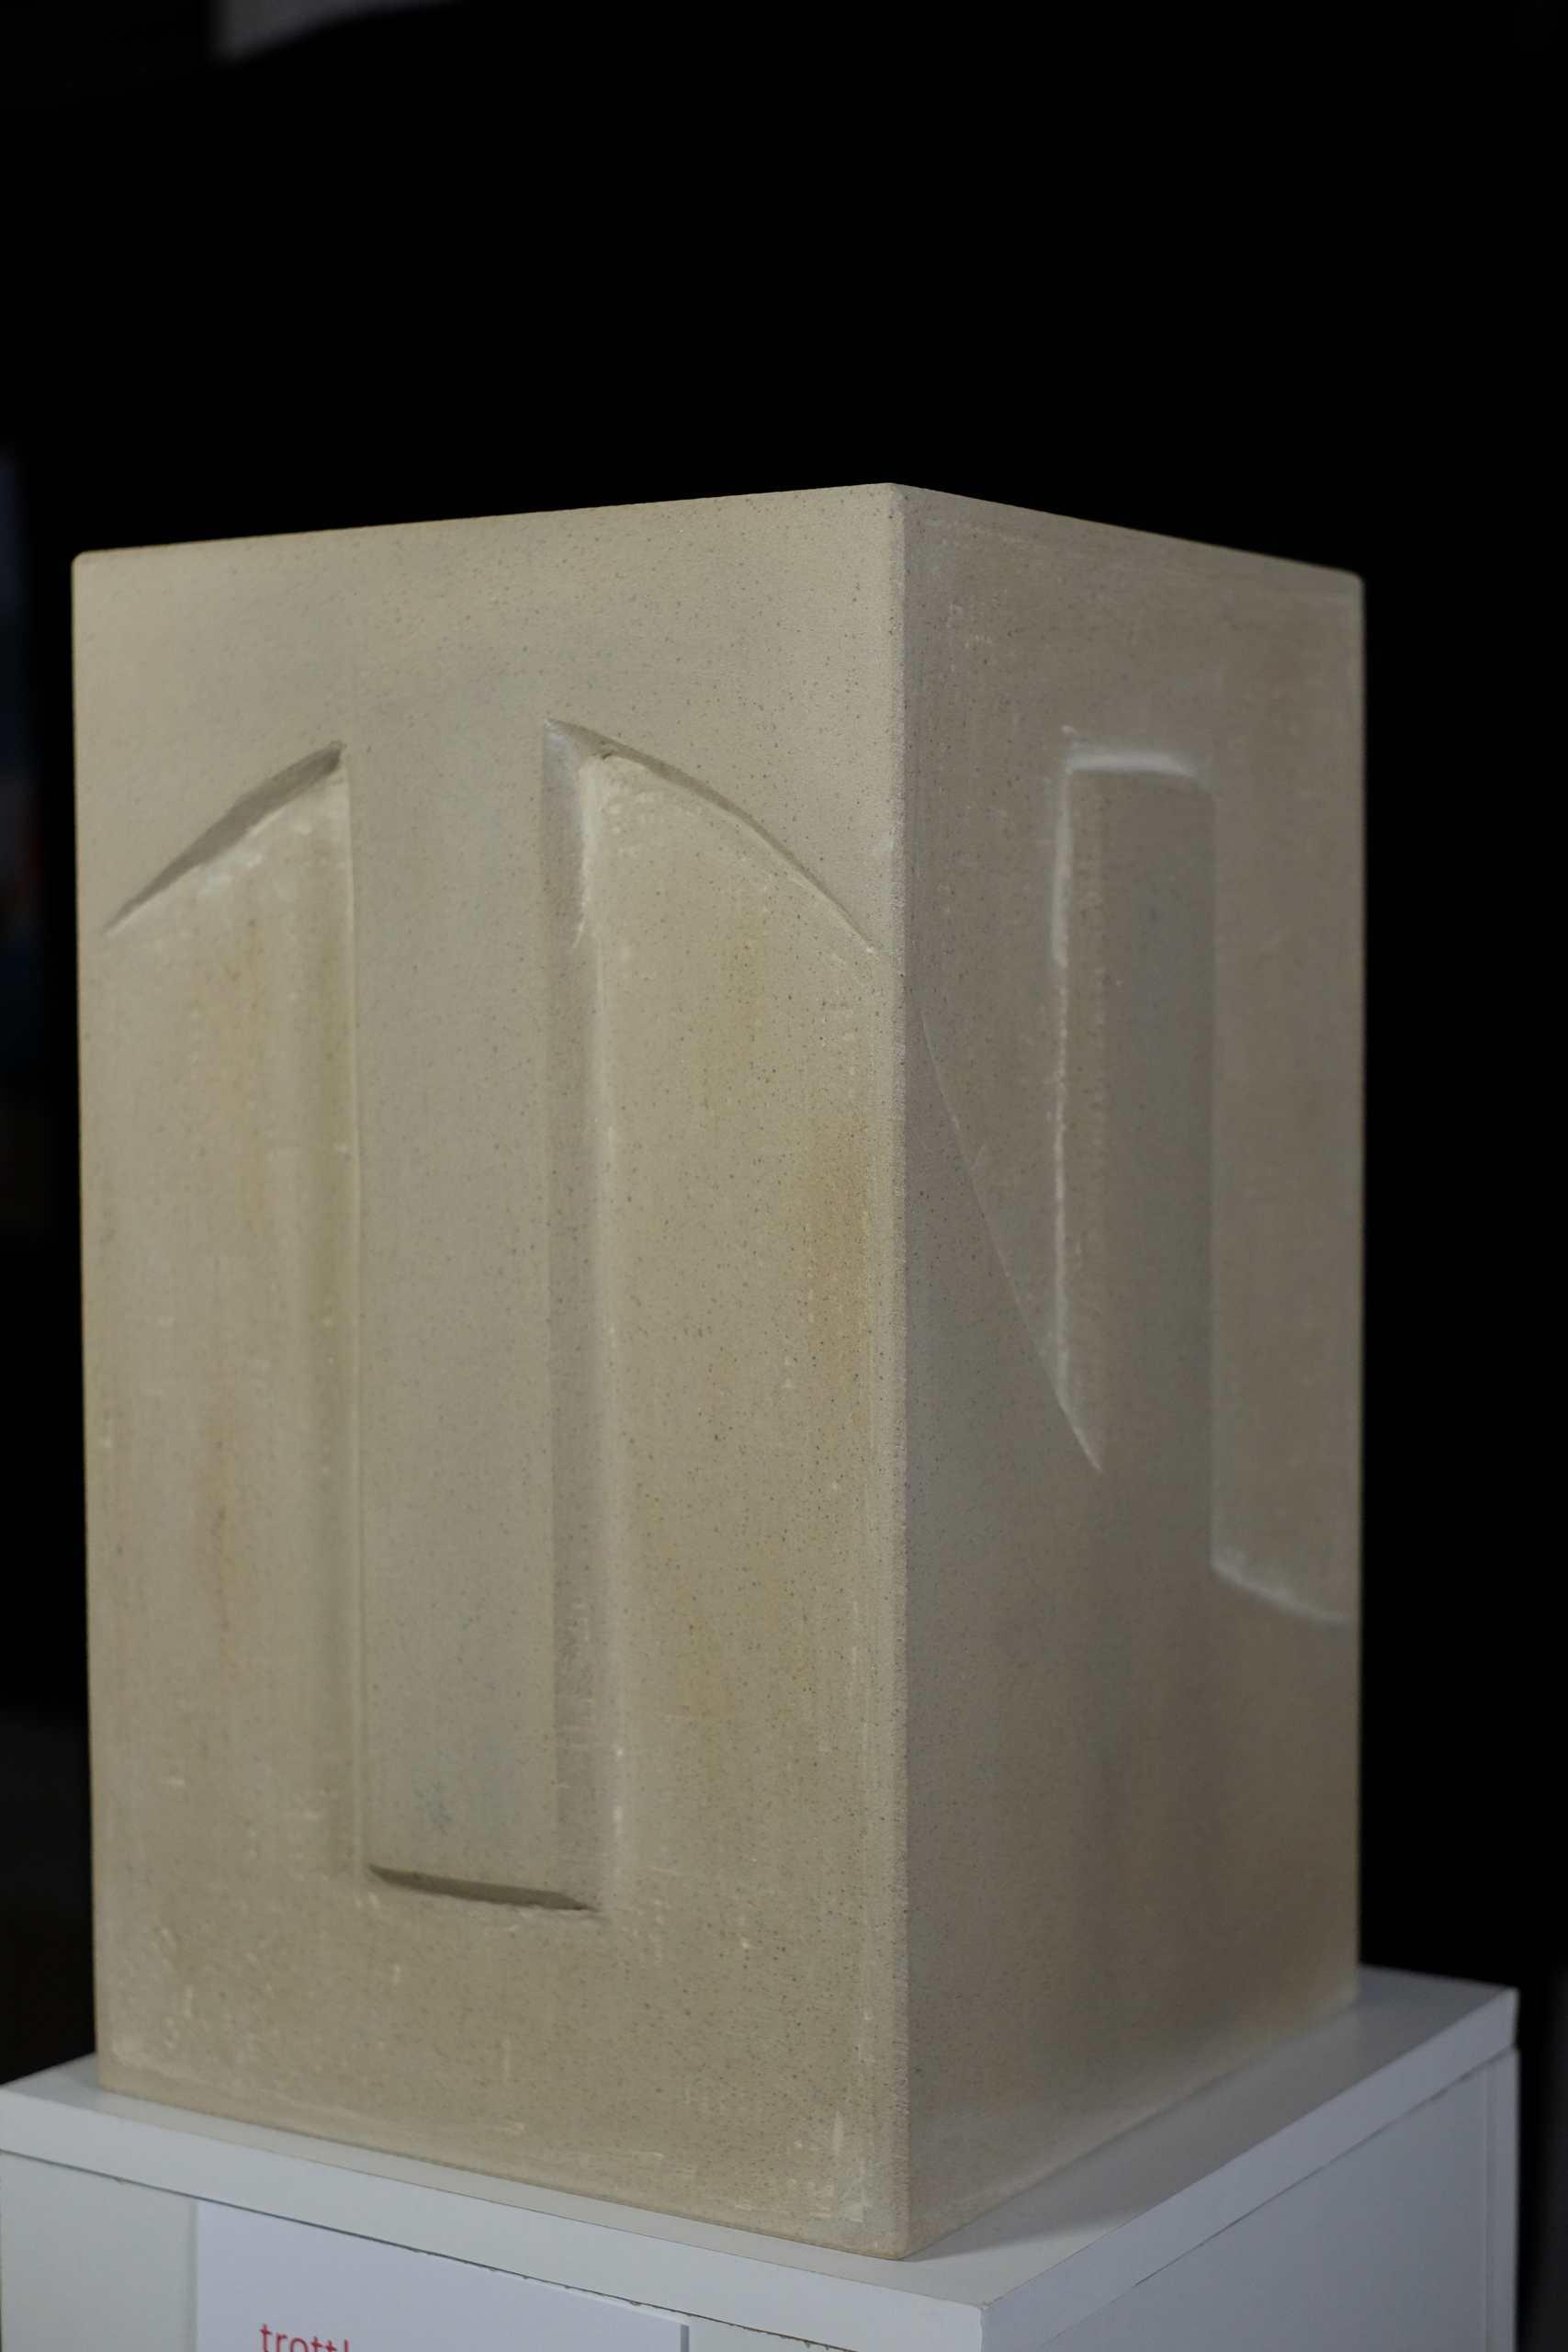 Sandsteinskulptur Gegensätze von Andrzej Estko